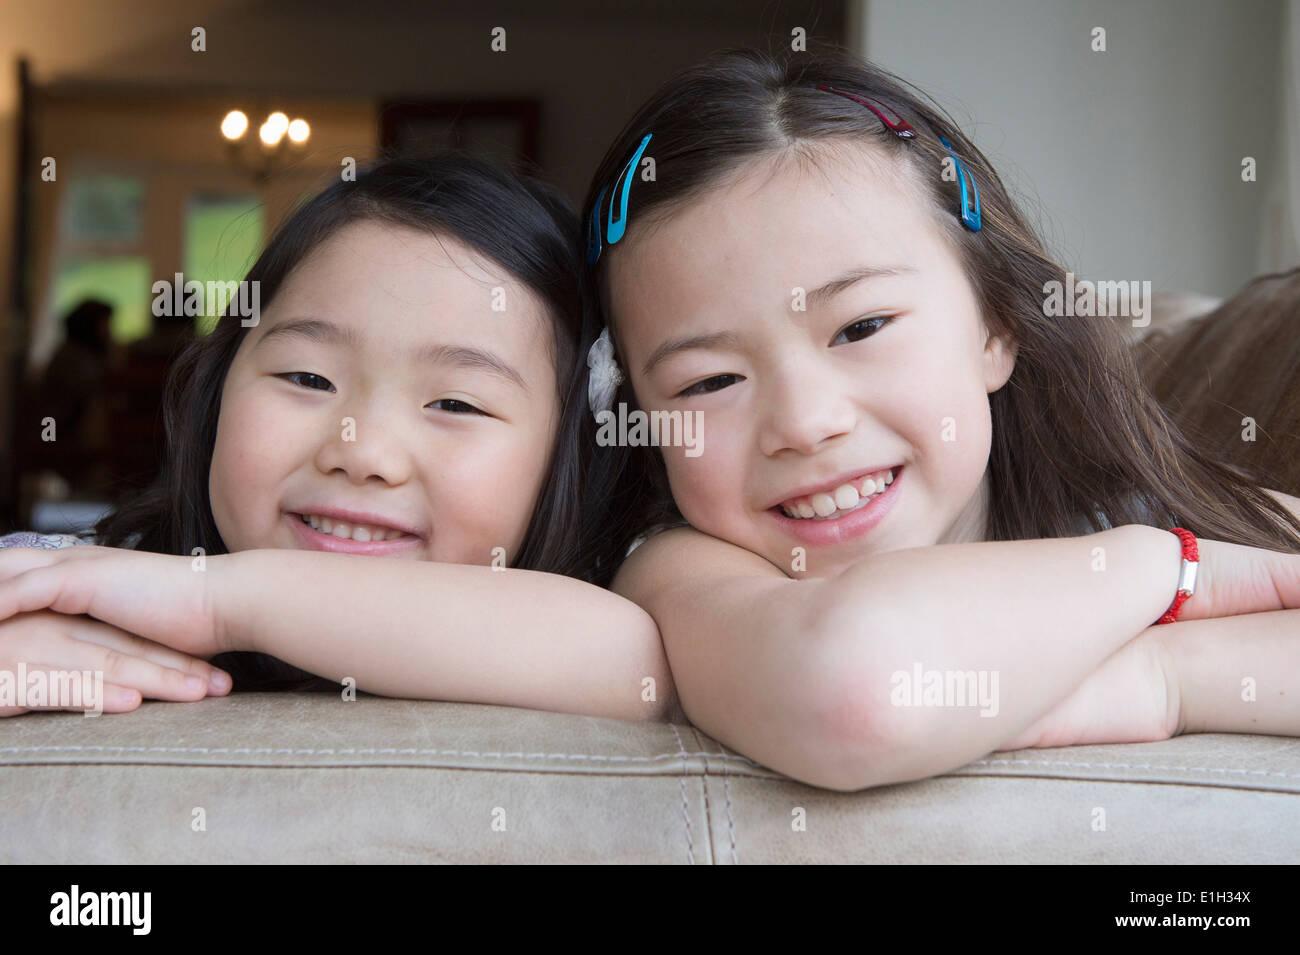 Porträt von zwei jungen Mädchen stützte sich auf sofa Stockbild